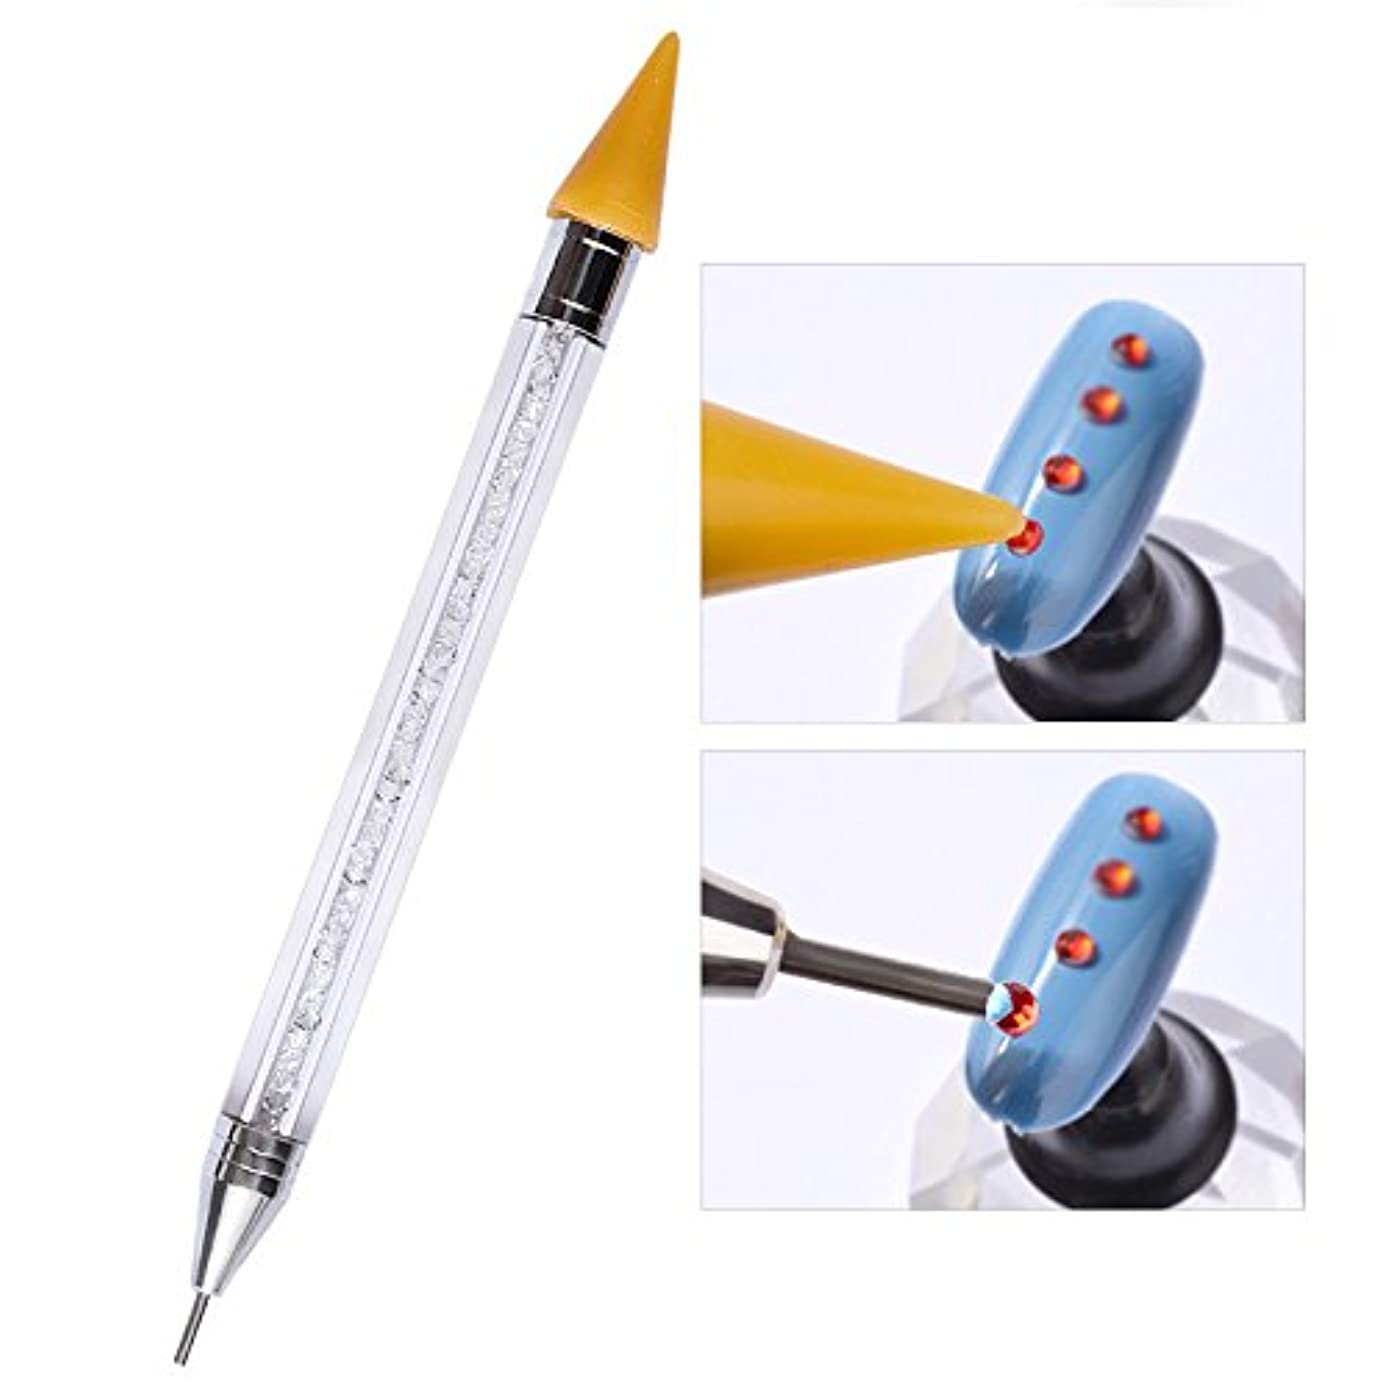 レクリエーション四分円不安定なLiebeye ネイルペン 豪華 耐久性 ダブルヘッドポイント 掘削 ペン マニキュアツール